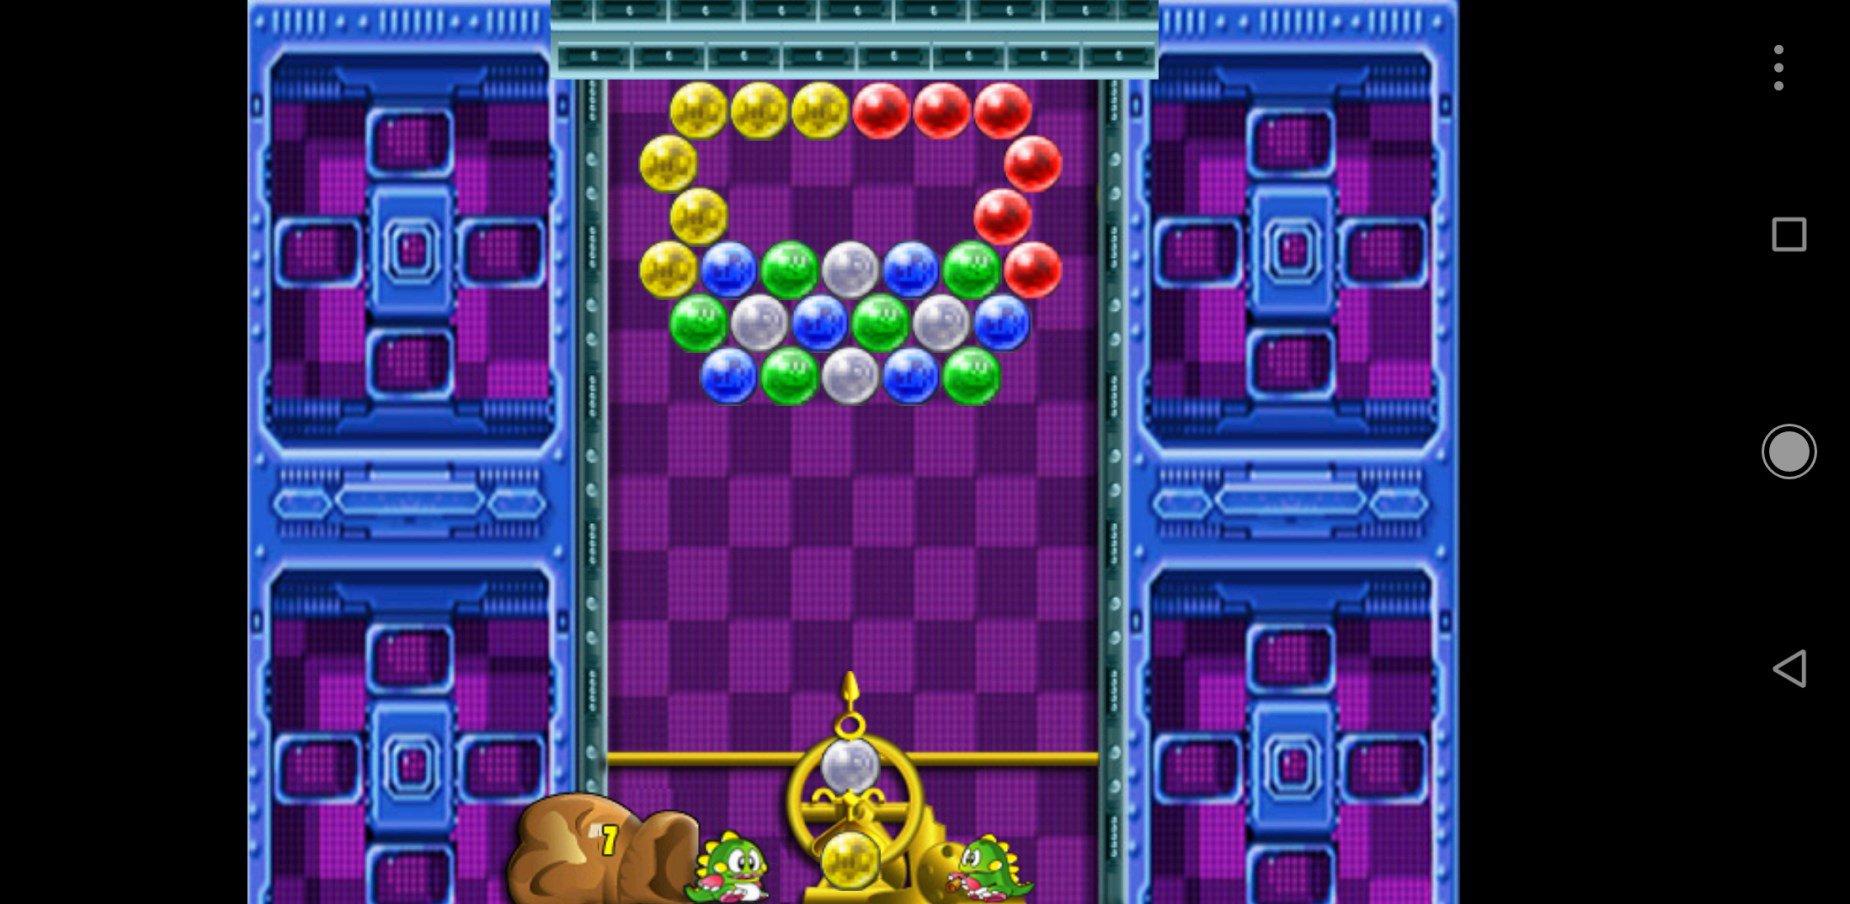 Puzzle Bobble 1.3 - Télécharger Pour Android Apk Gratuitement pour Jeux Gratuits De Bulles